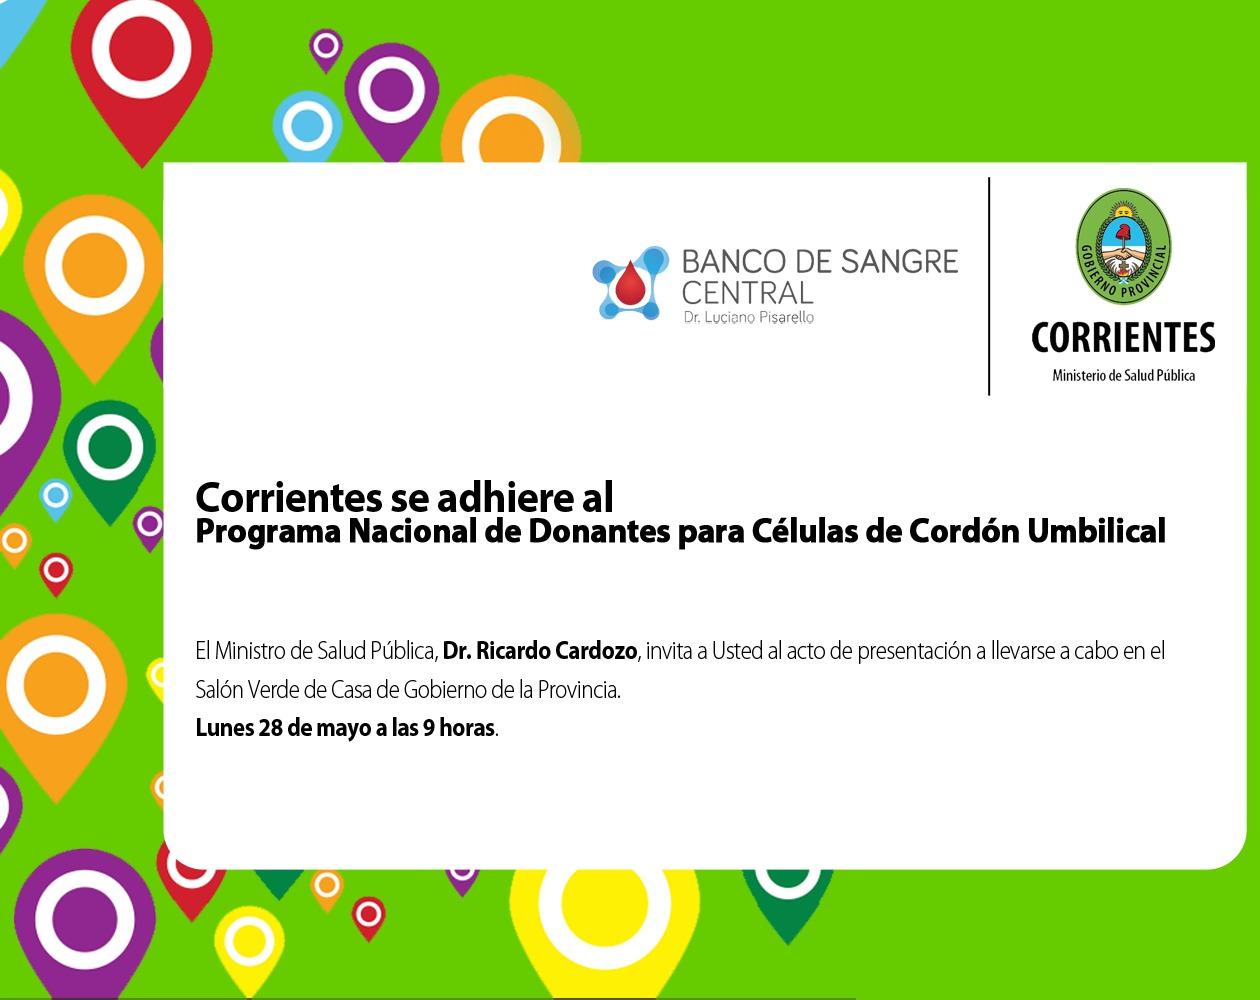 En Corrientes, las embarazadas podrán inscribirse como Donantes de Sangre de Cordón Umbilical